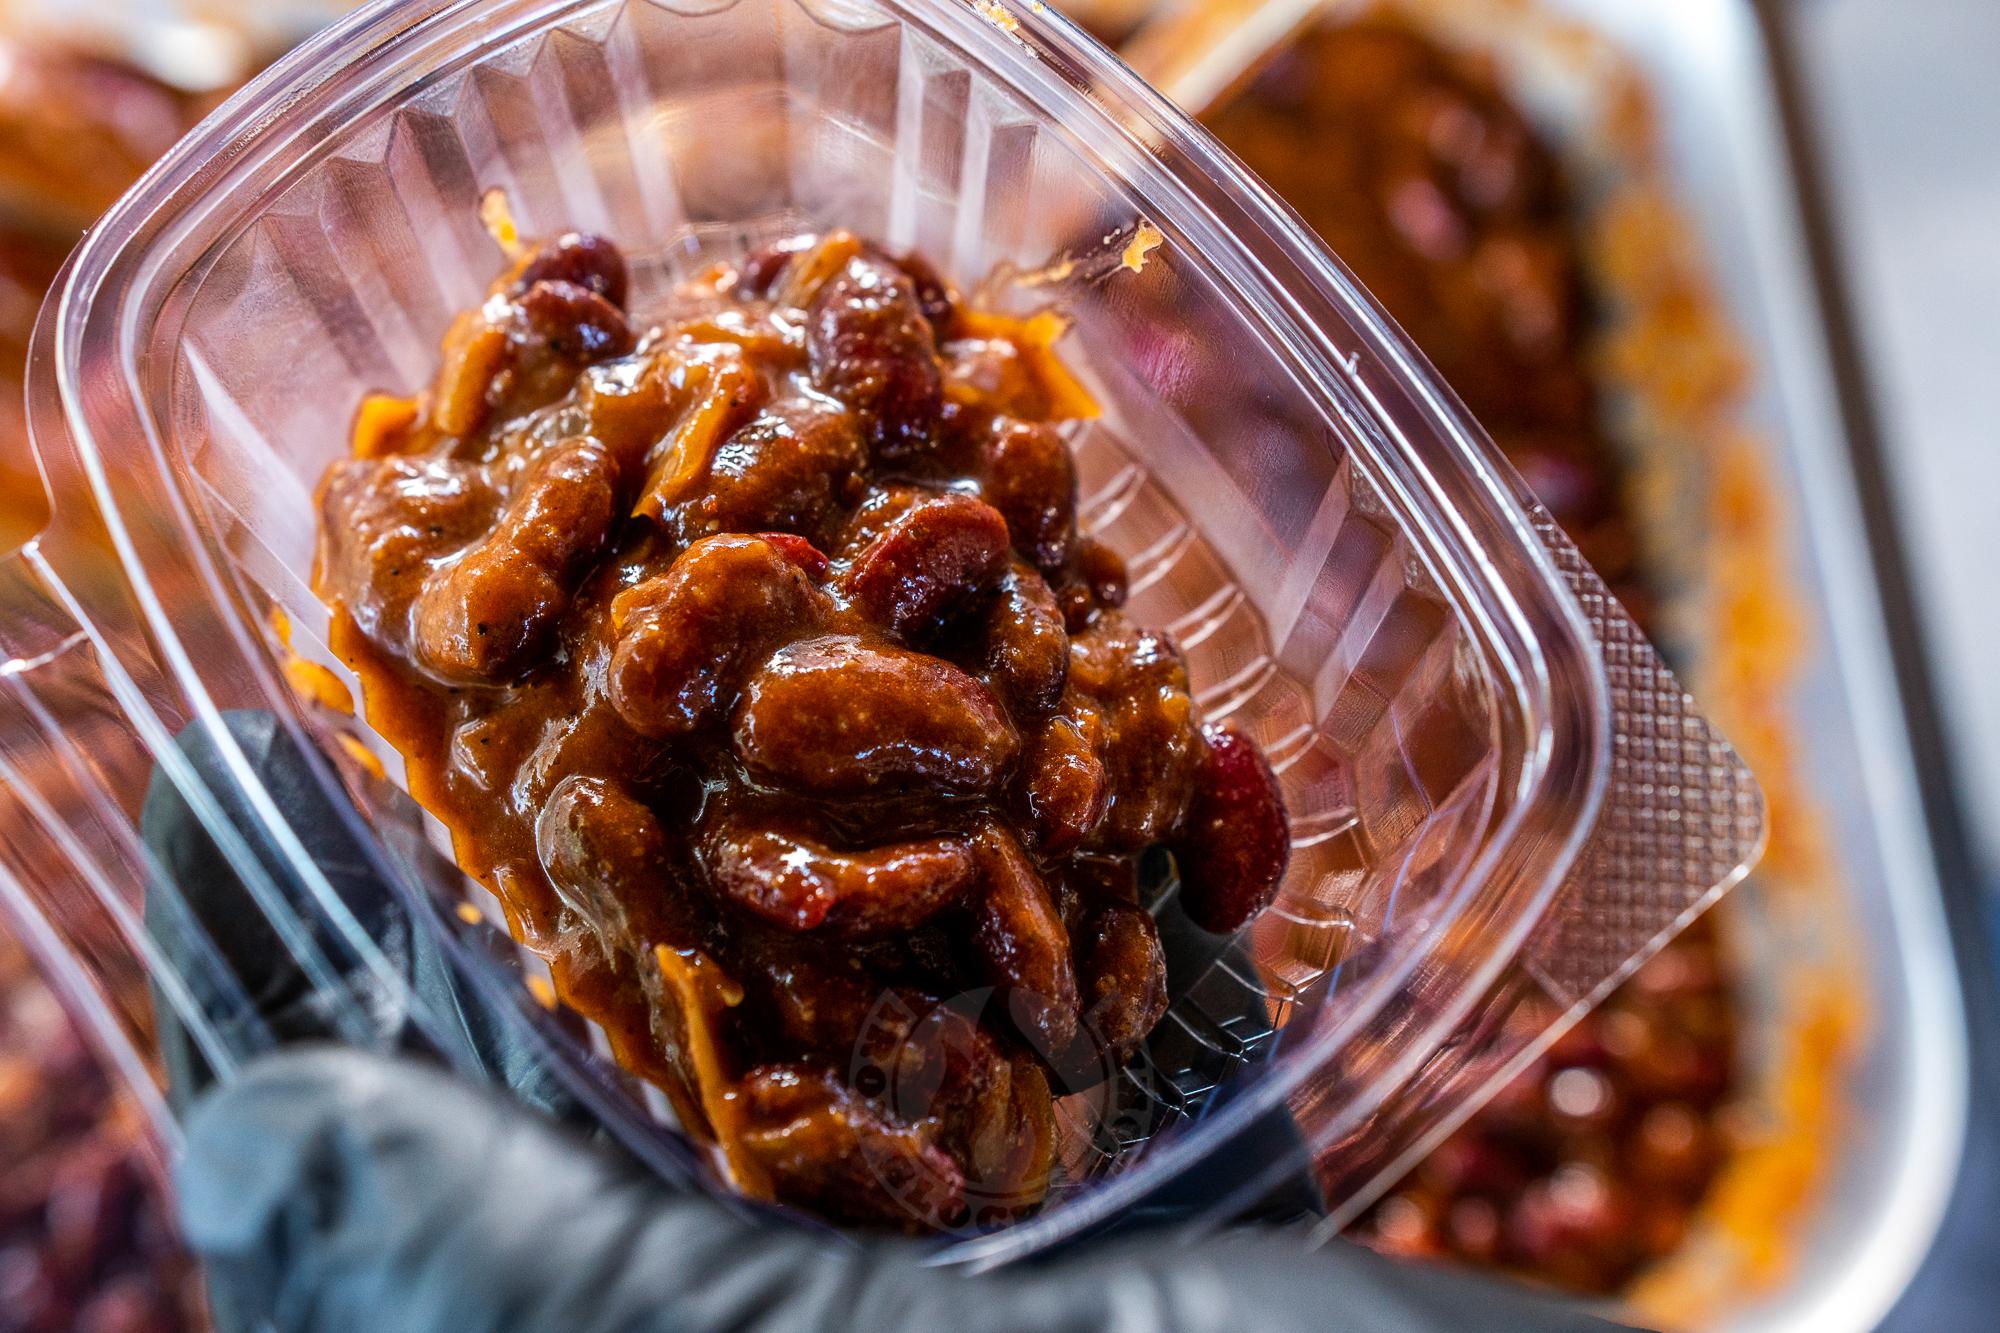 Baked bean avagy sült bab bográcsban